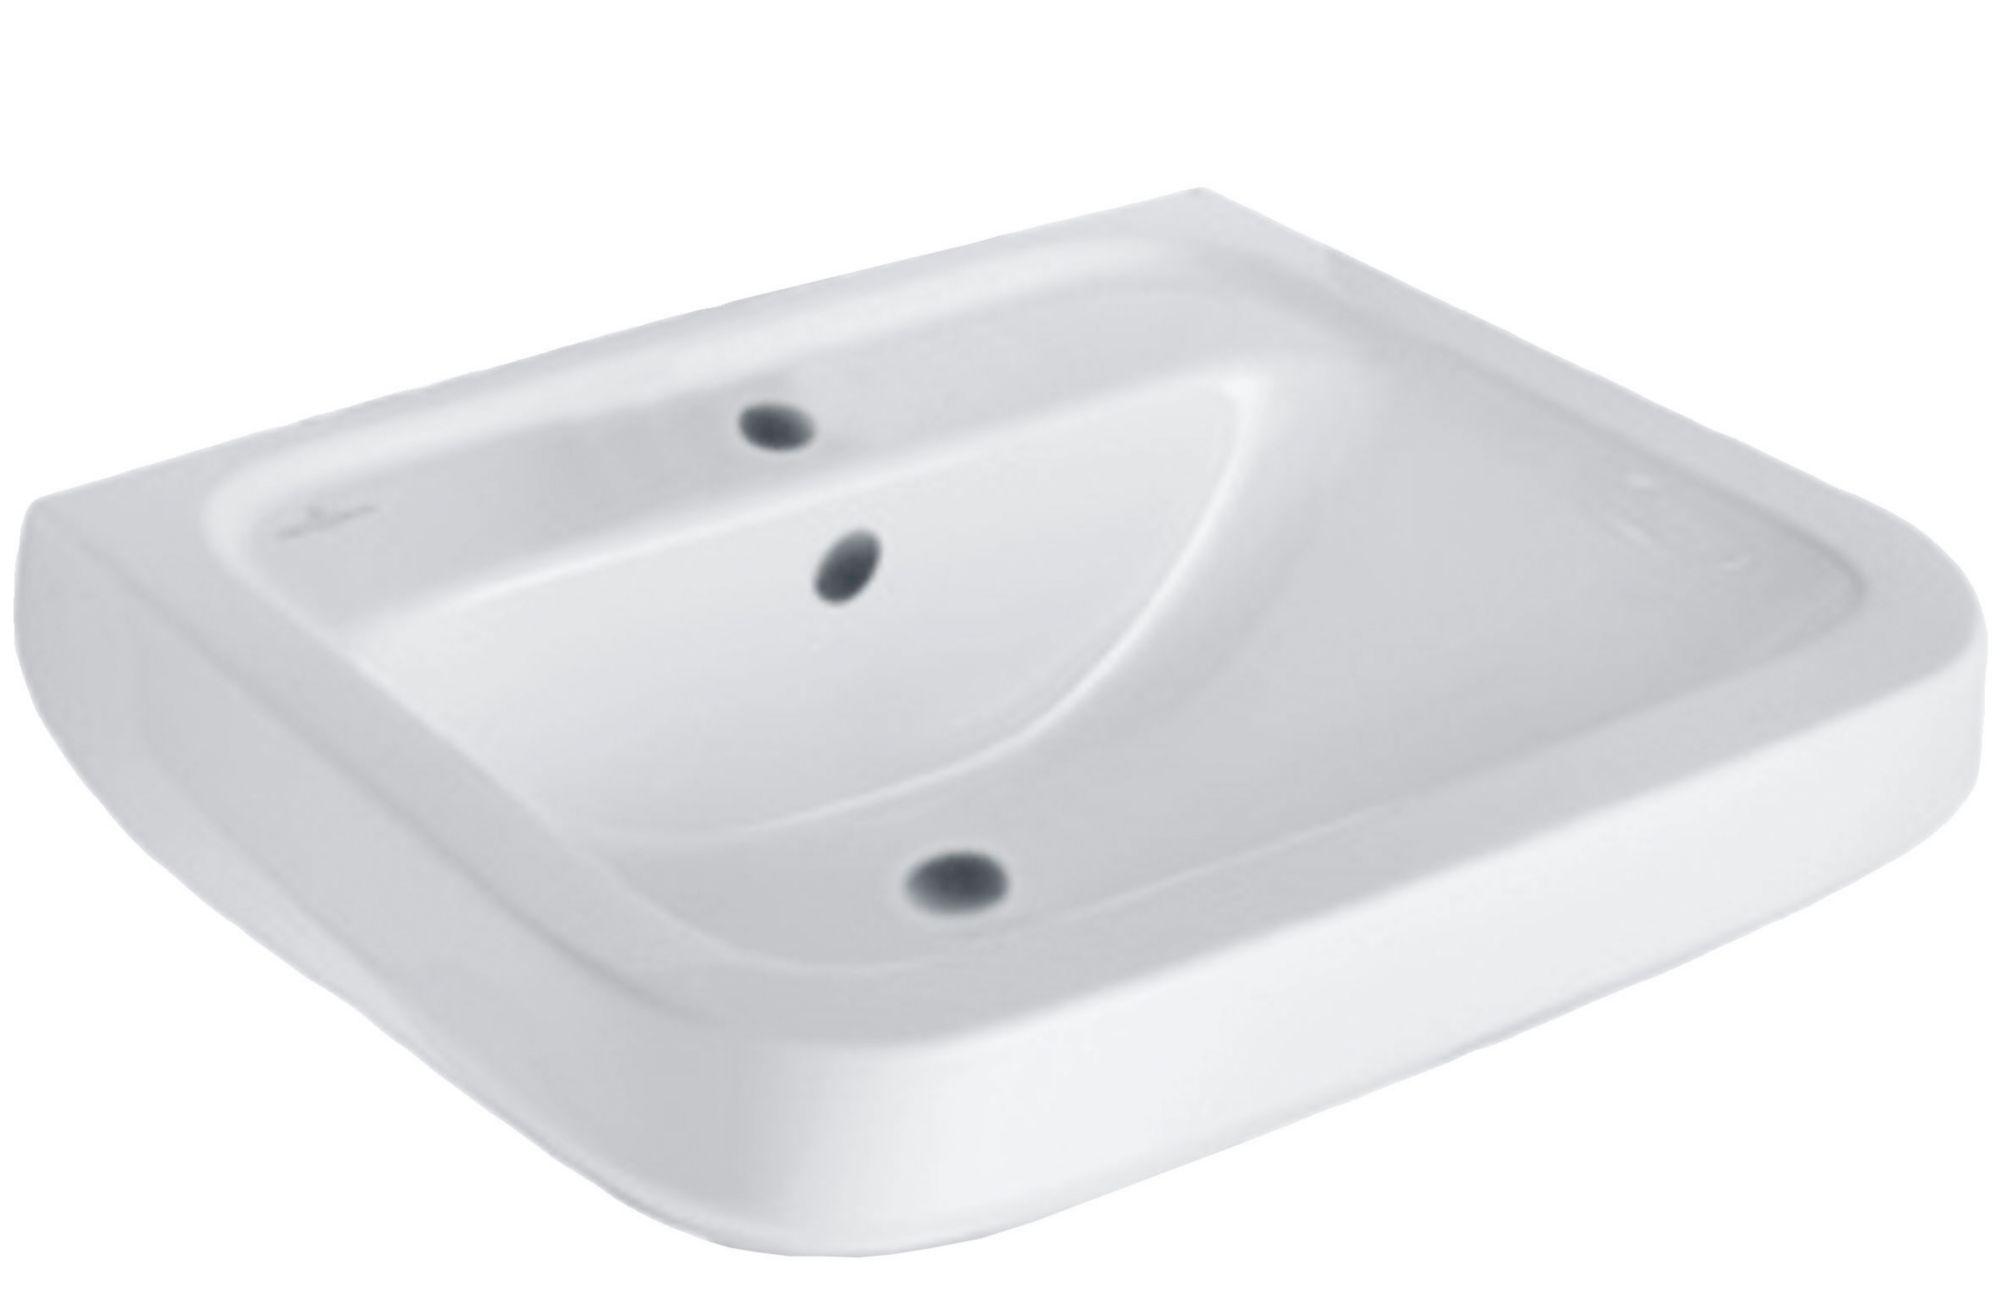 villeroy boch keramik waschtisch waschbecken architectura breite 60 cm schwab versand. Black Bedroom Furniture Sets. Home Design Ideas